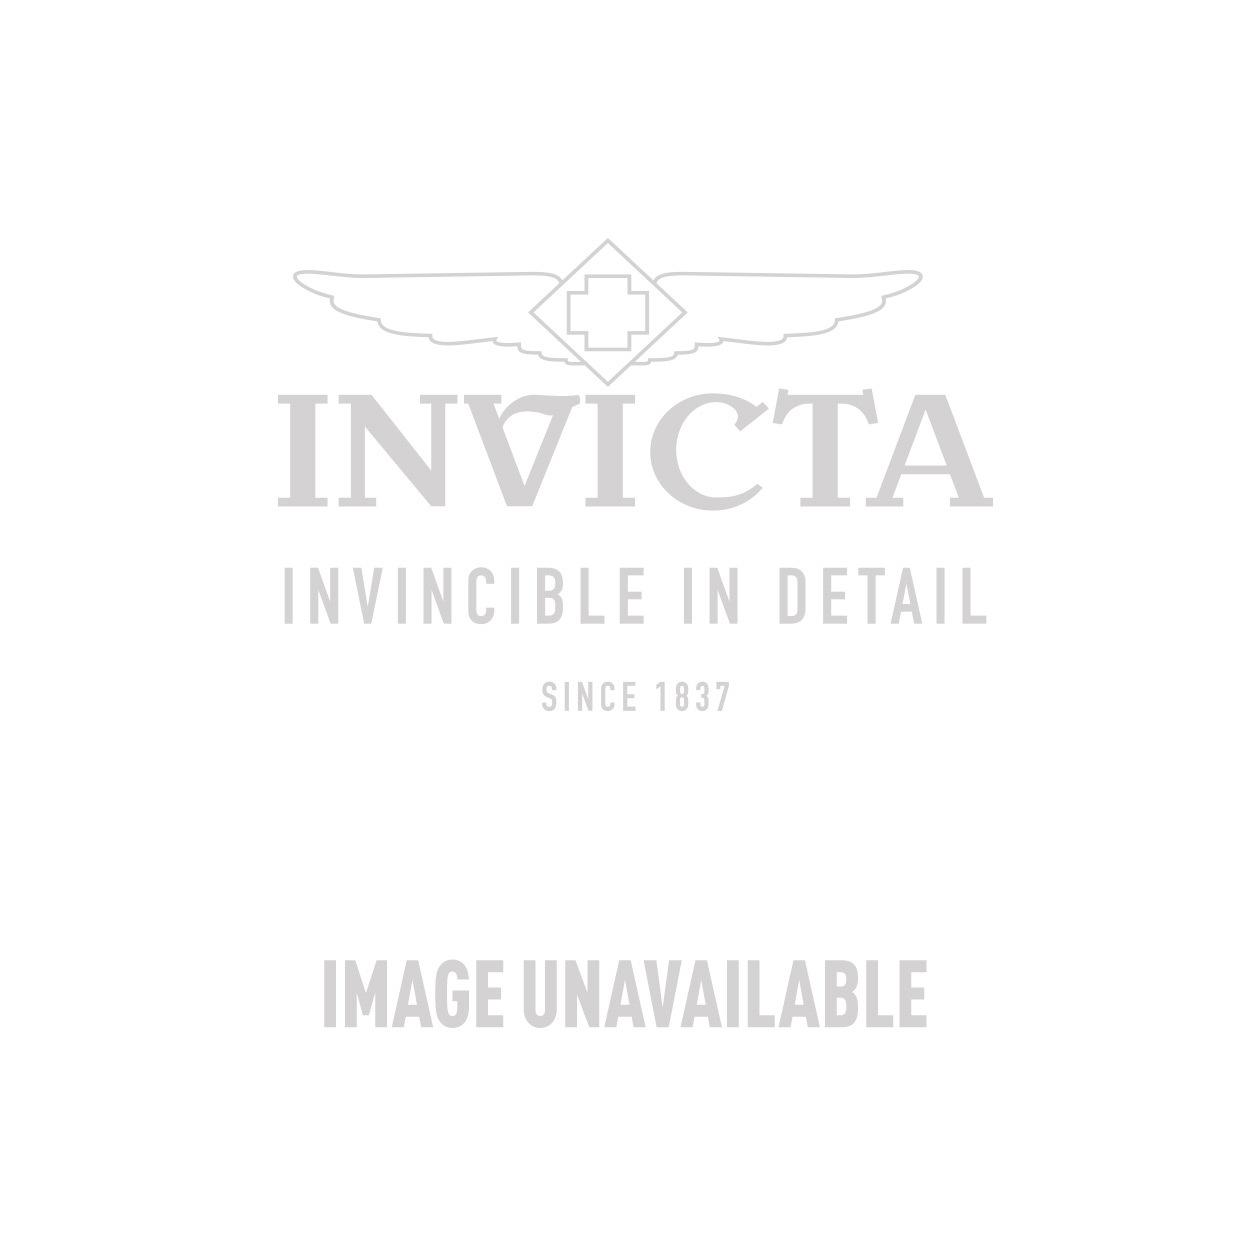 Invicta Model 28372